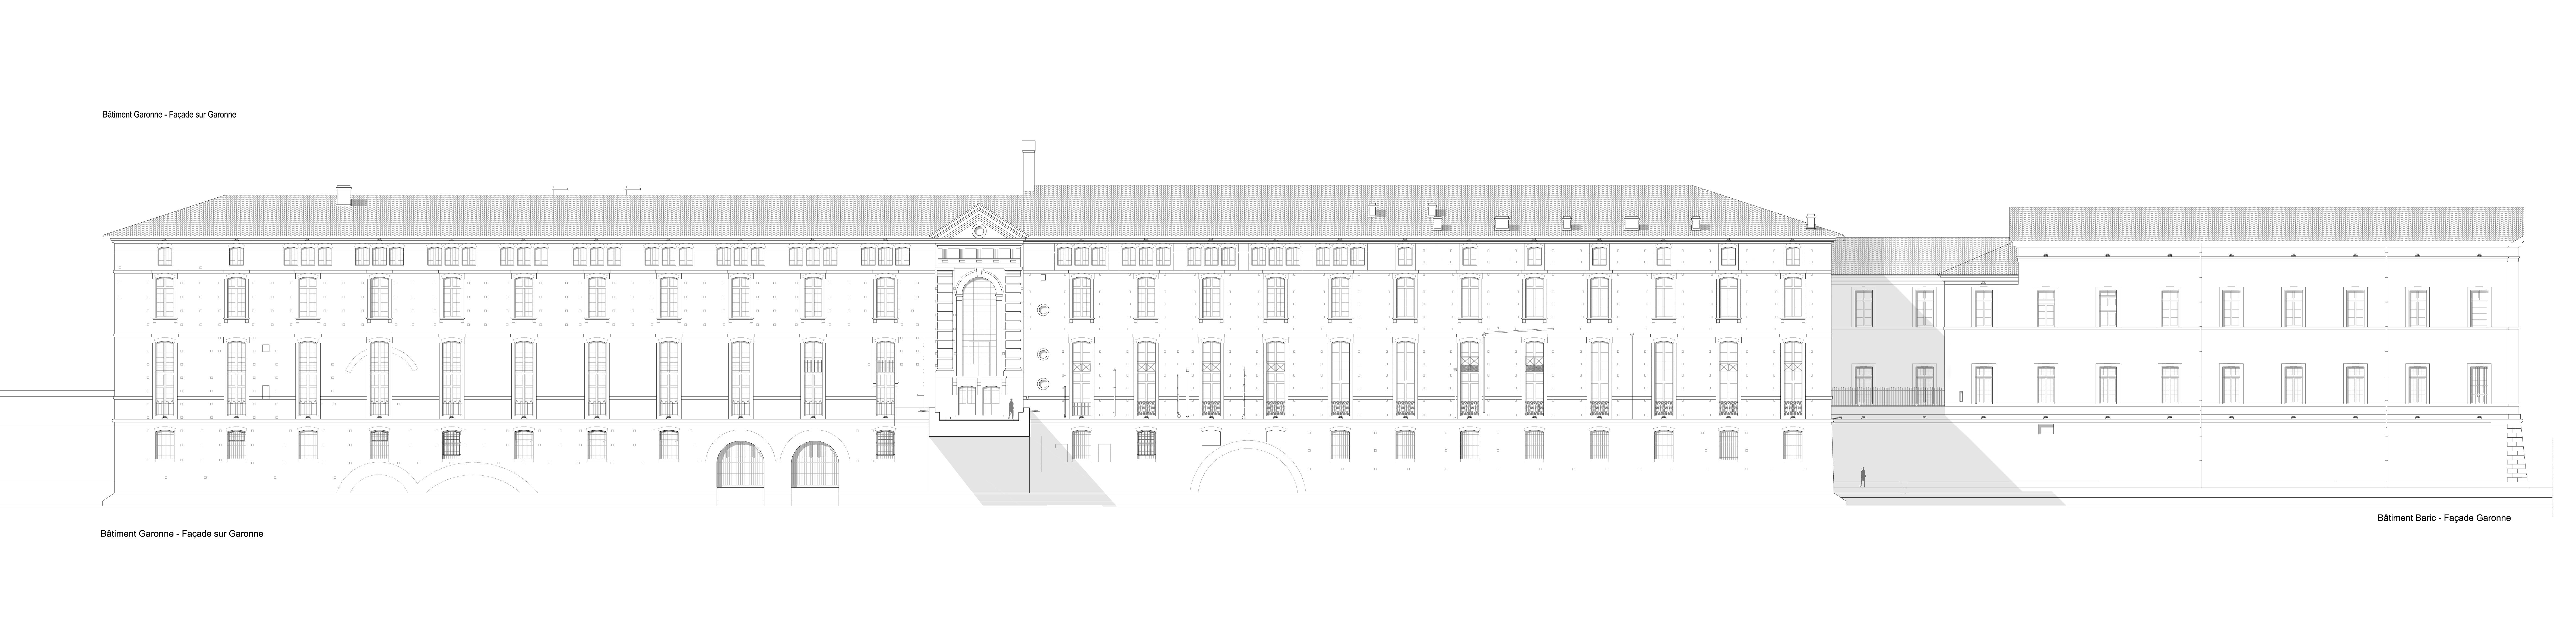 Agence Caillault ACMH – TOULOUSE – Hôtel-Dieu – Élévation de la façade sur la Garonne